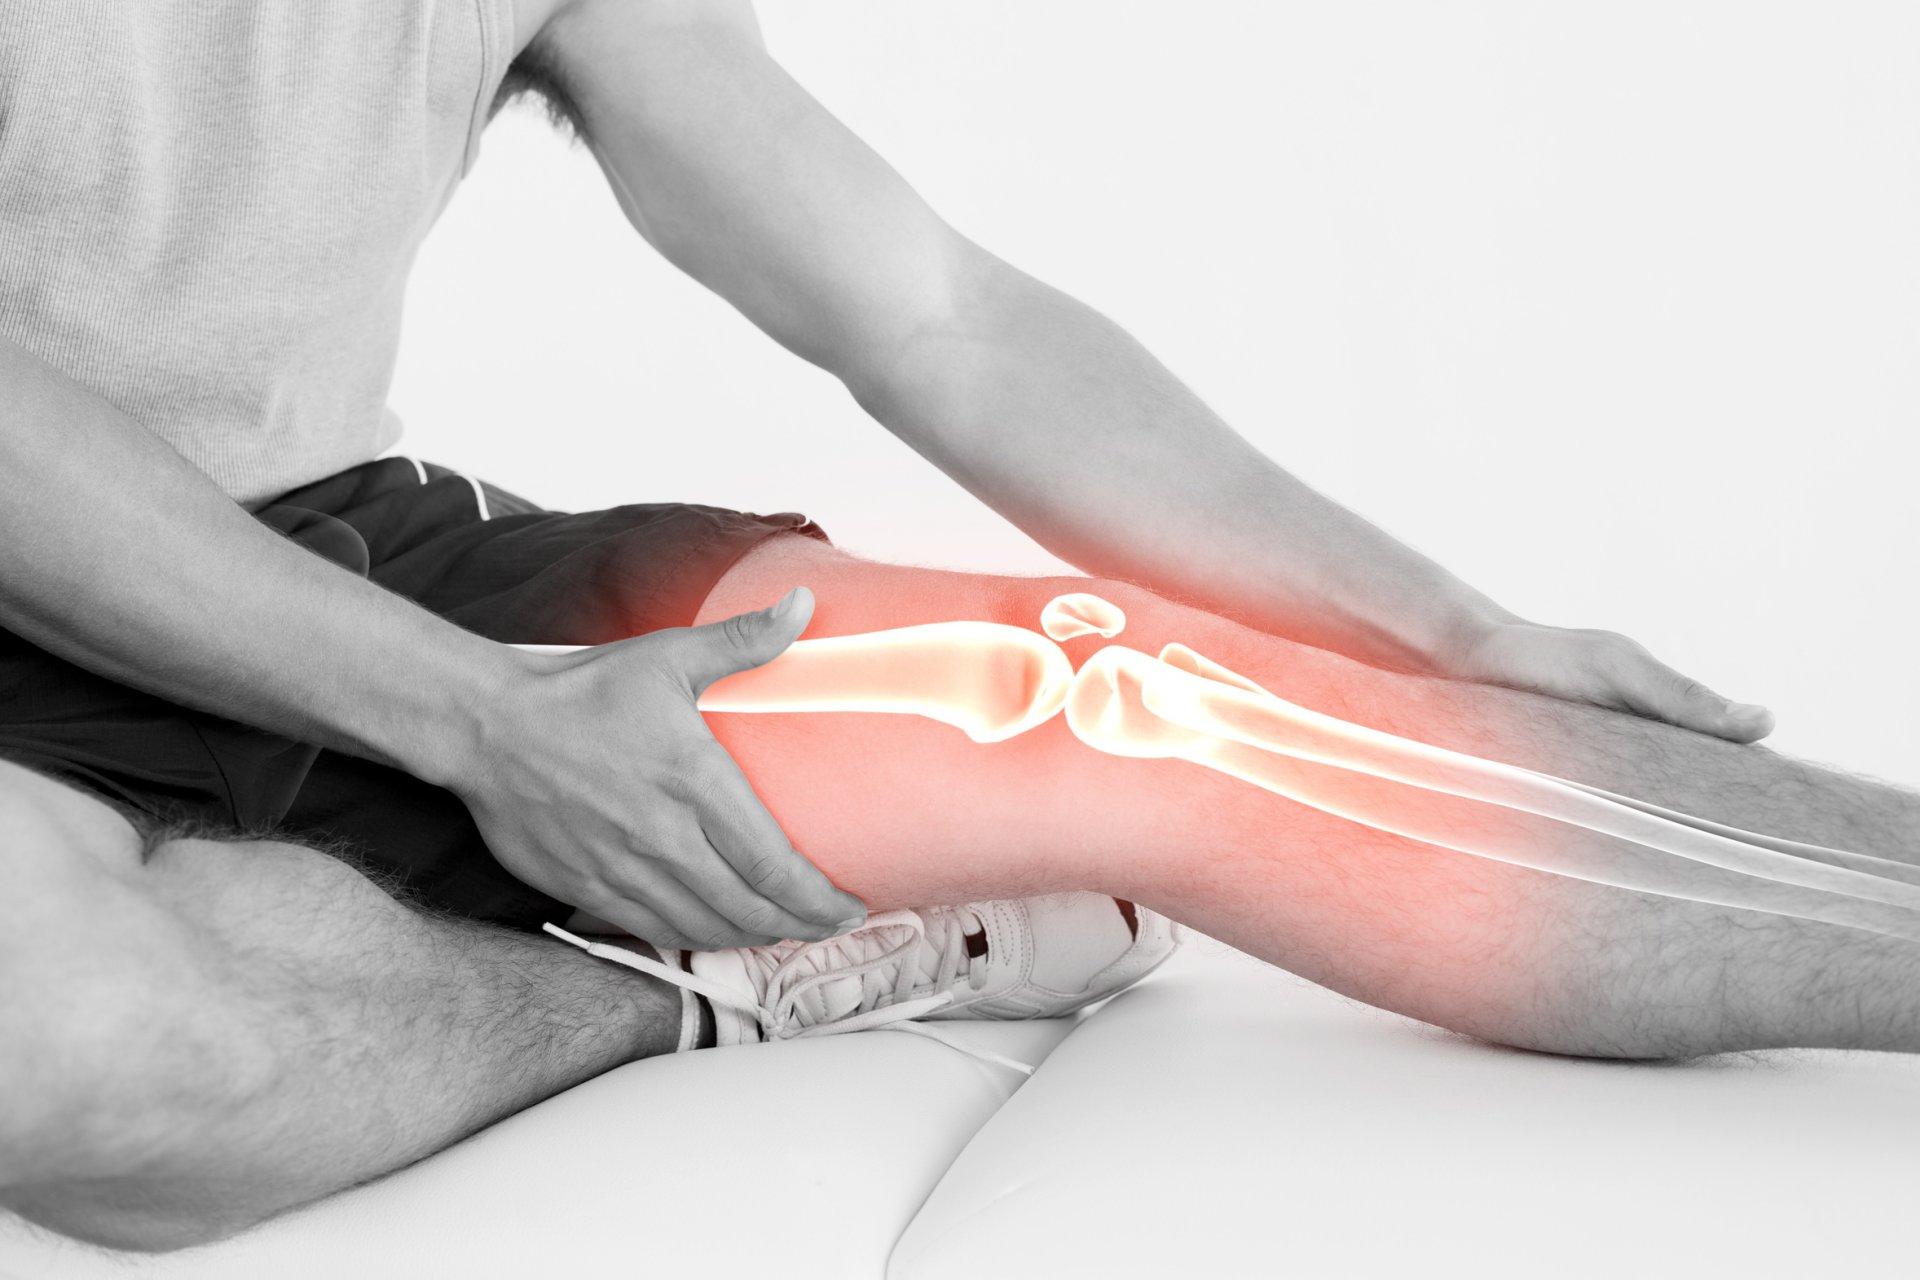 skausmas peties sąnario dešinės rankos važiuojant rankas skauda viduriniosios piršto sąnarys kai lankstant